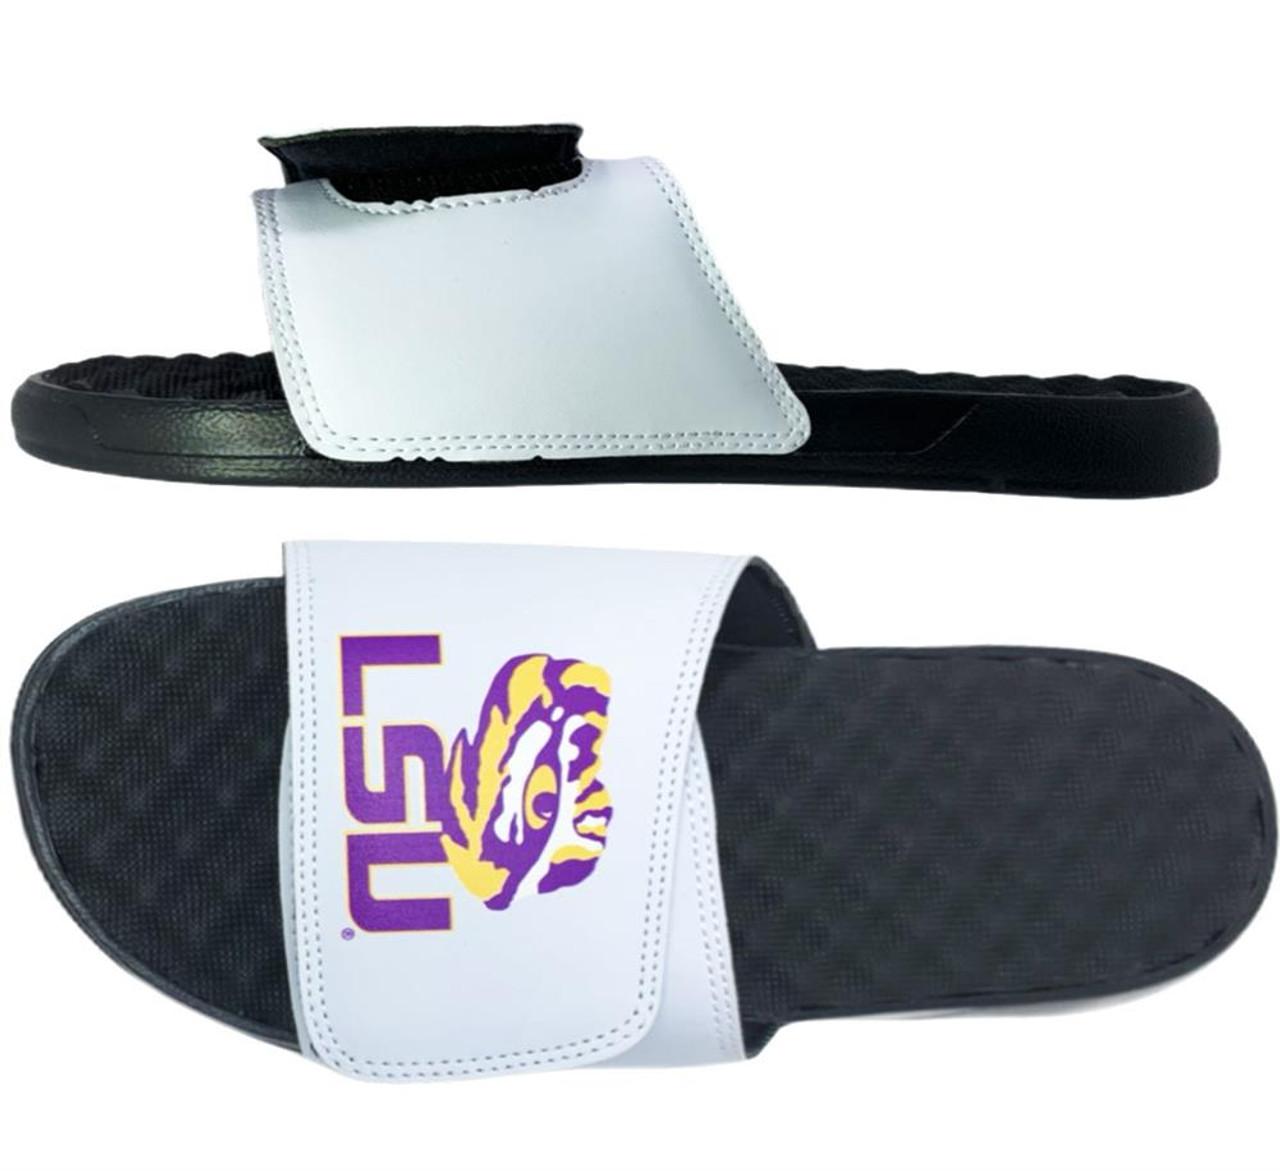 Miami Heat Slides ISlide Primary Adjustable Sandals